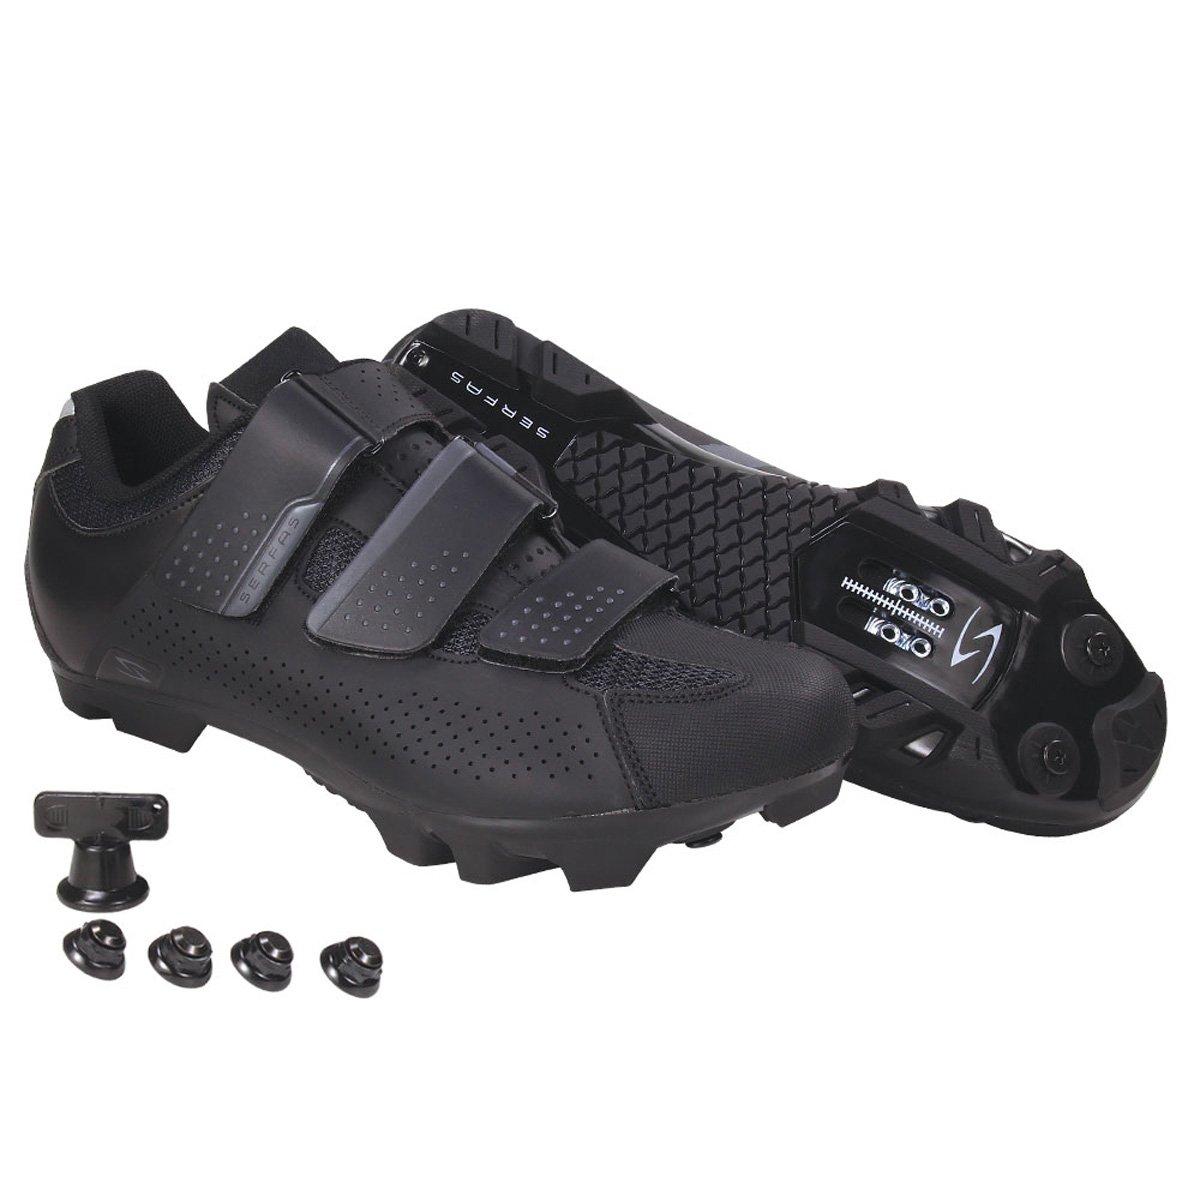 SerfasレディースMTBマウンテンSingletrack 3-strap SPDマウンテンバイクサイクリング靴 US サイズ: 36 カラー: ブラック   B077G7422V